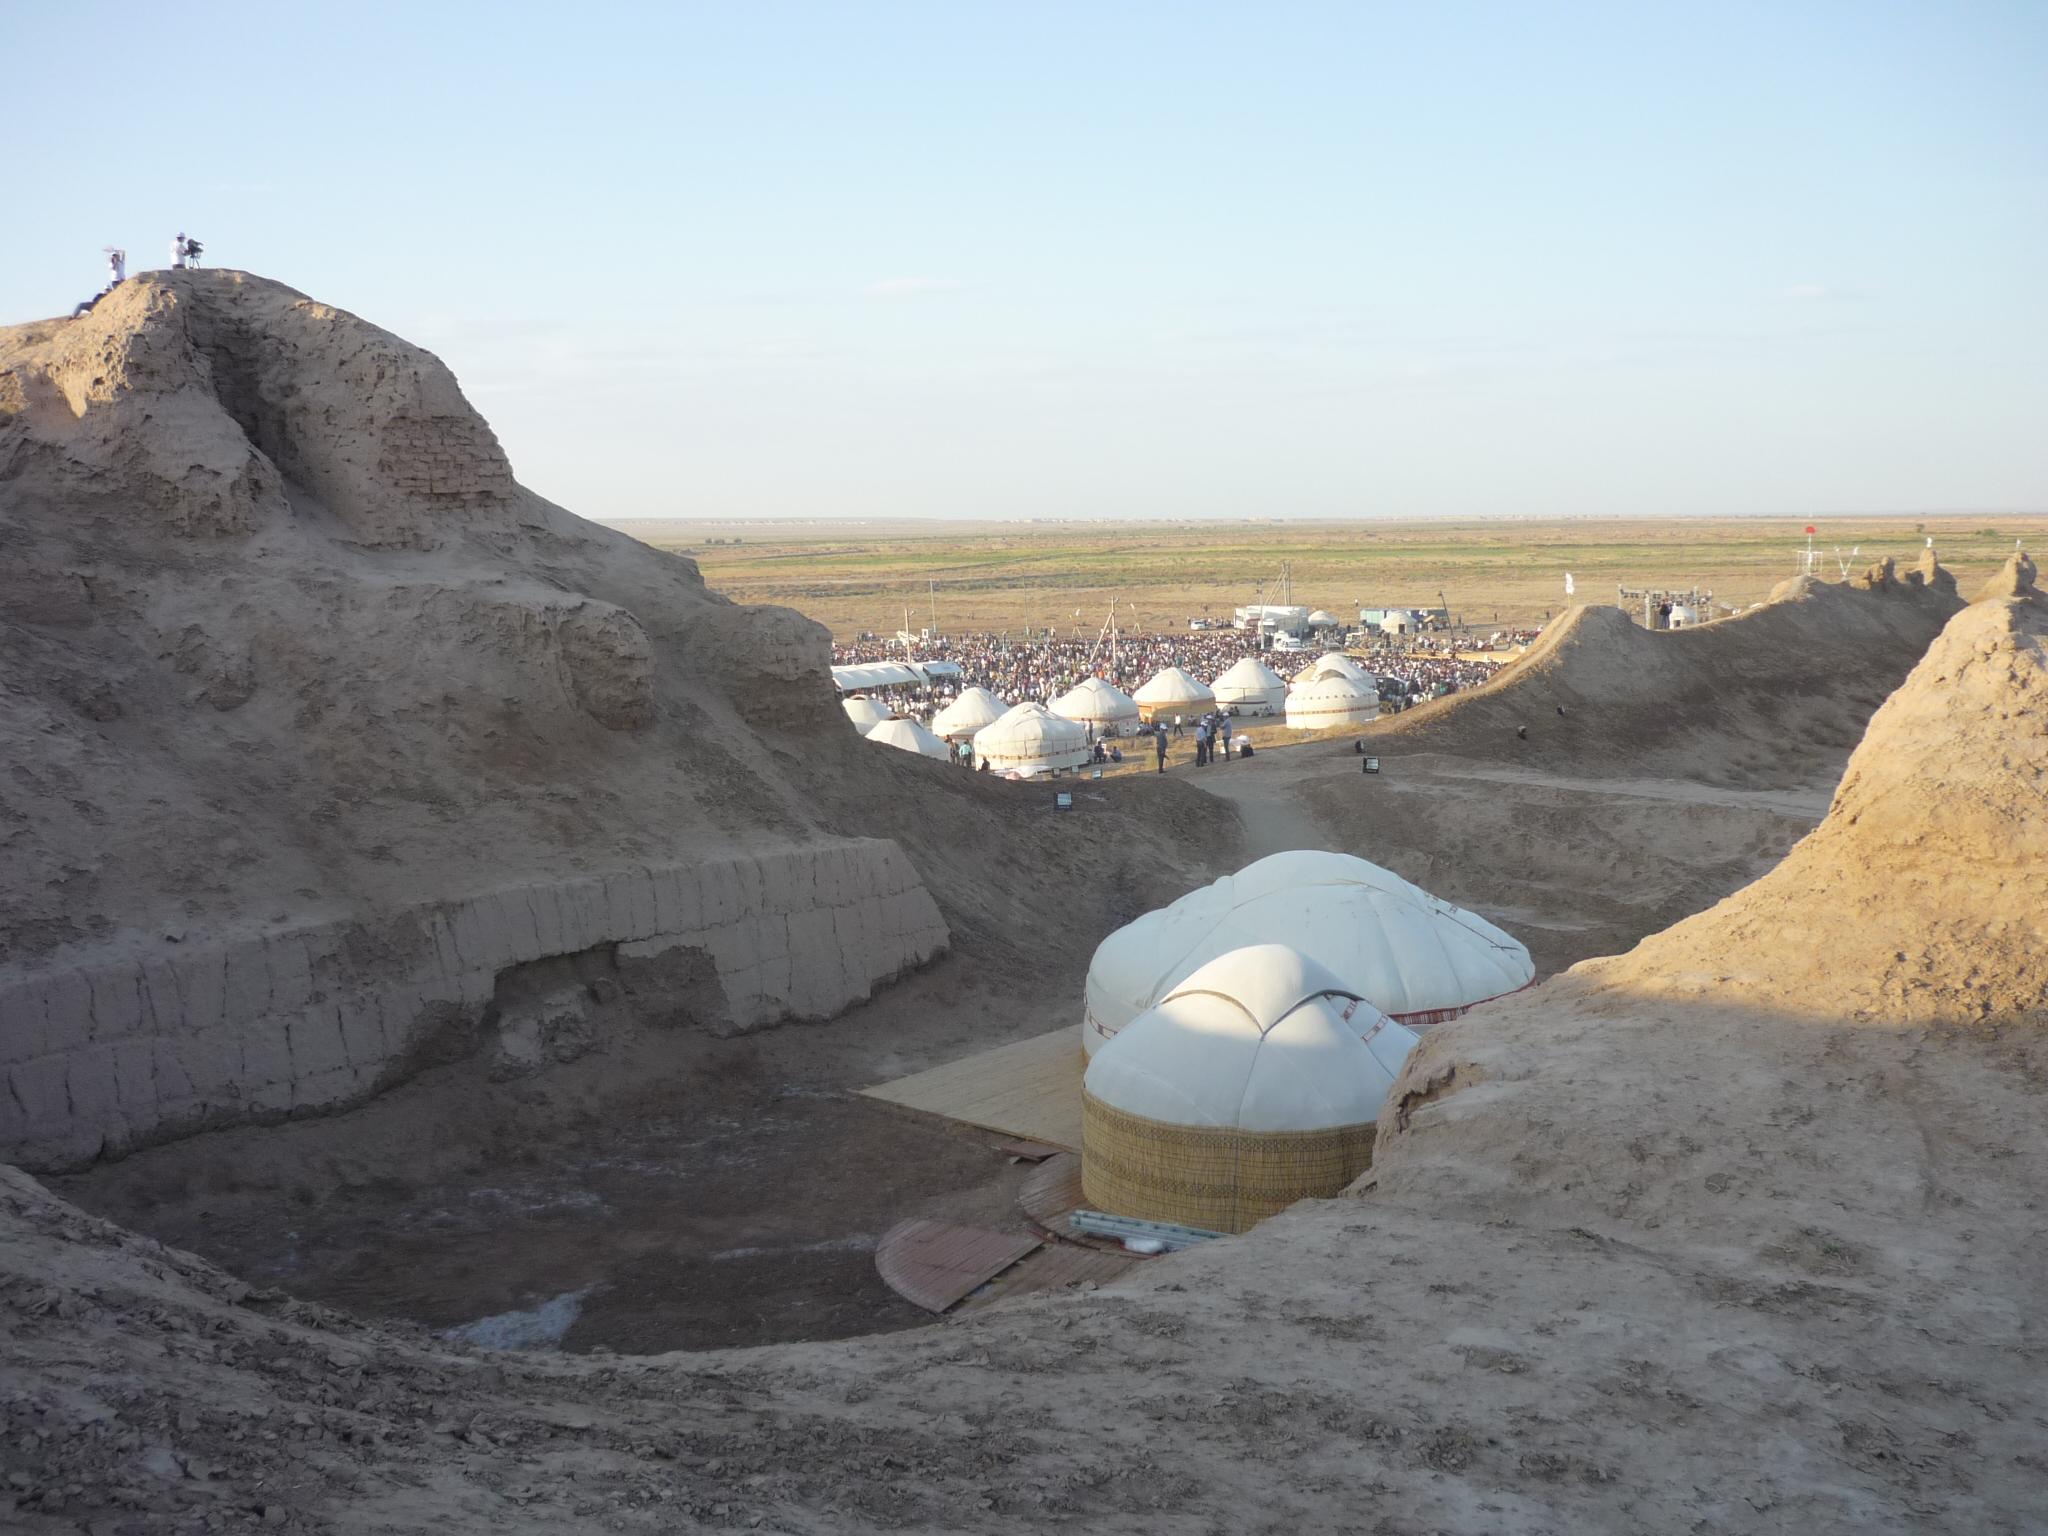 Toprak kala, az erőd belseje jurtákkal, előtte a jurta tábor az ünnepség színhelye